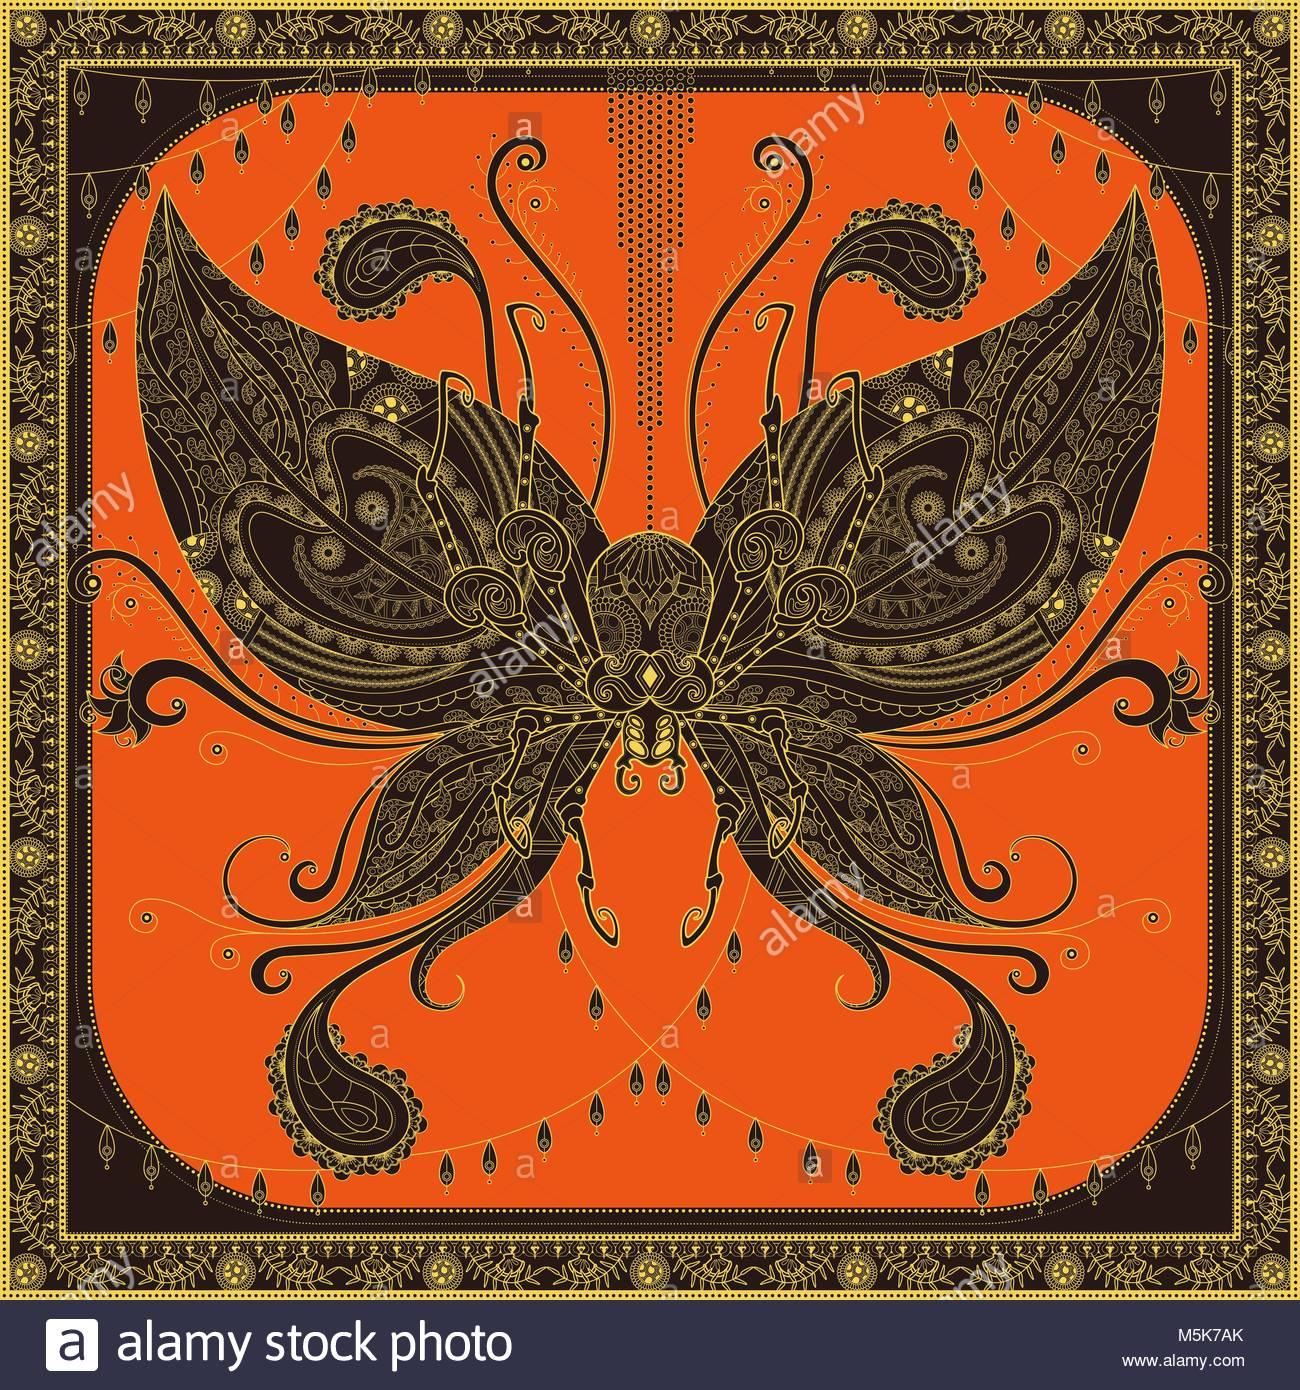 Ziemlich Druckbare Schmetterling Färbung Seite Galerie - Malvorlagen ...